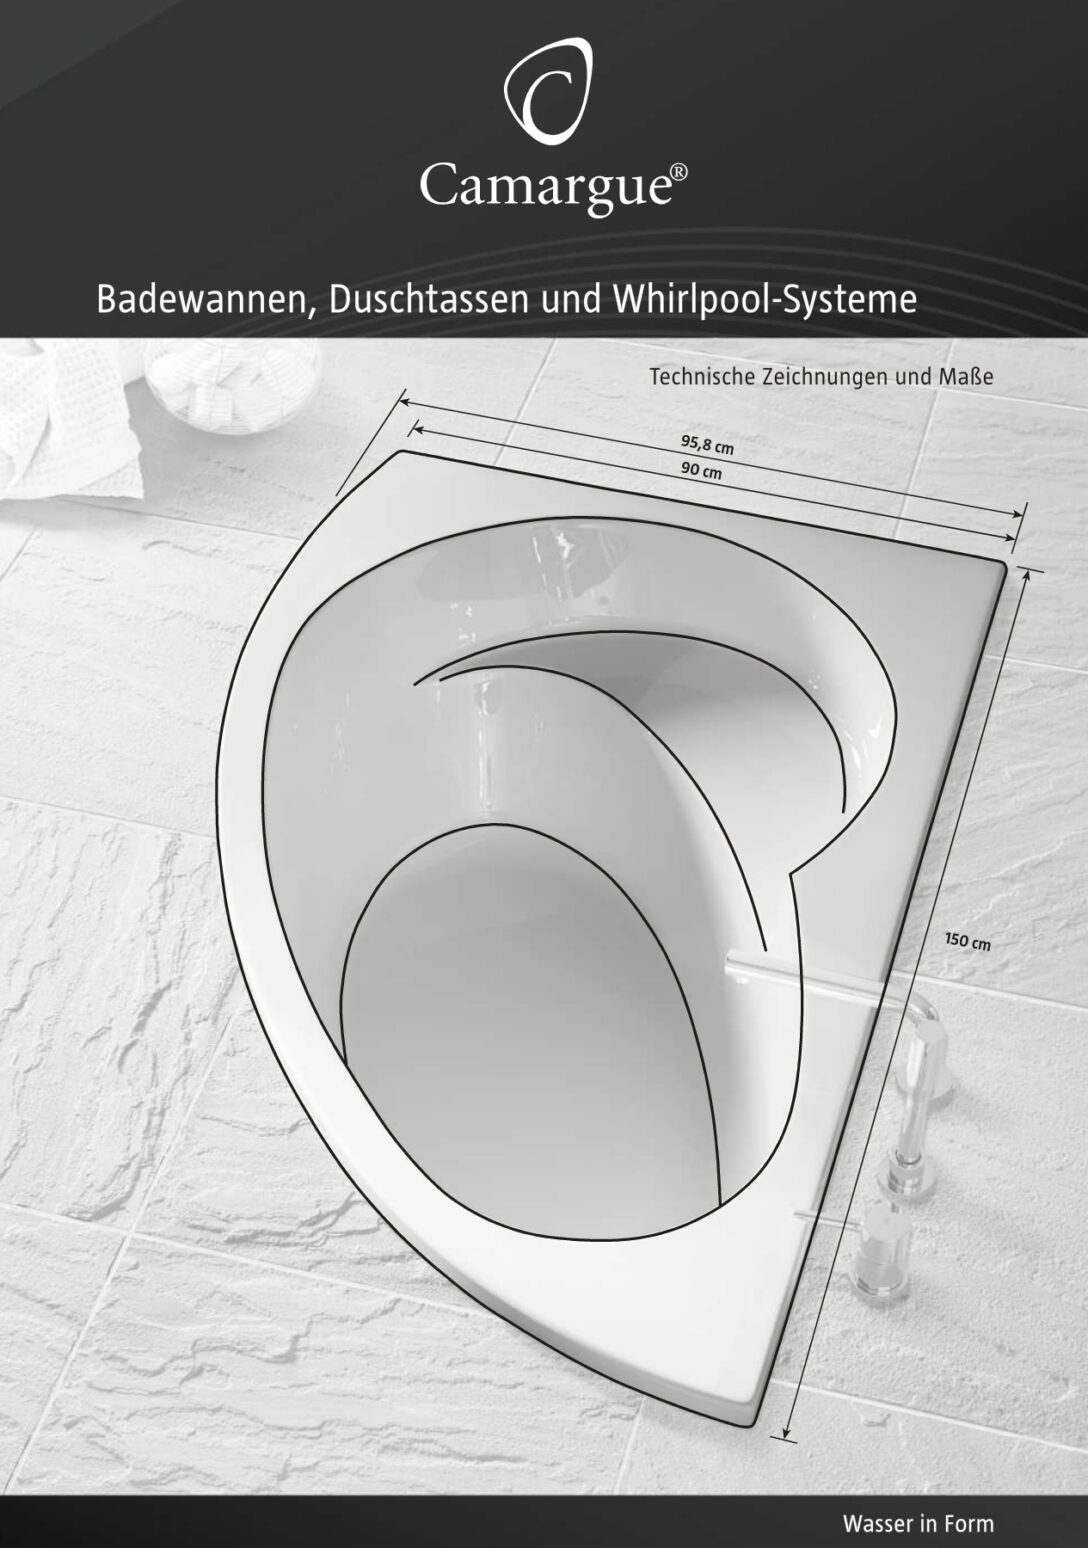 Large Size of Whirlpool Bauhaus Outdoor Aufblasbar Miami Intex Deutschland Family Angebot Mars Camargue Badewannen Duschen Technik Garten Fenster Wohnzimmer Whirlpool Bauhaus